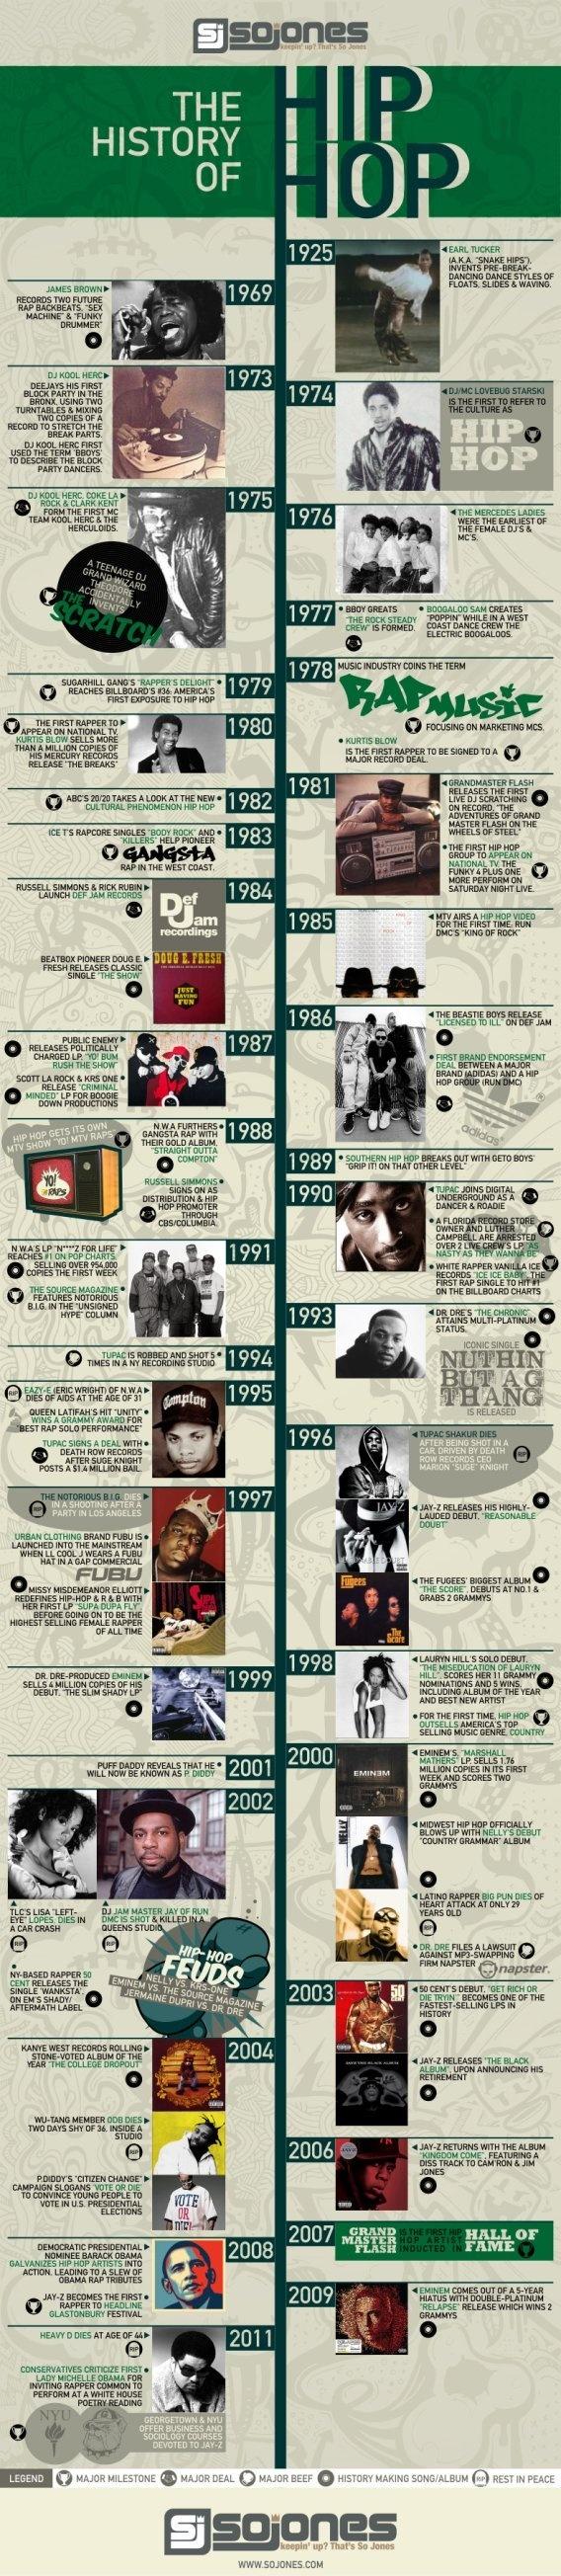 De geschiedenis van Hip Hop